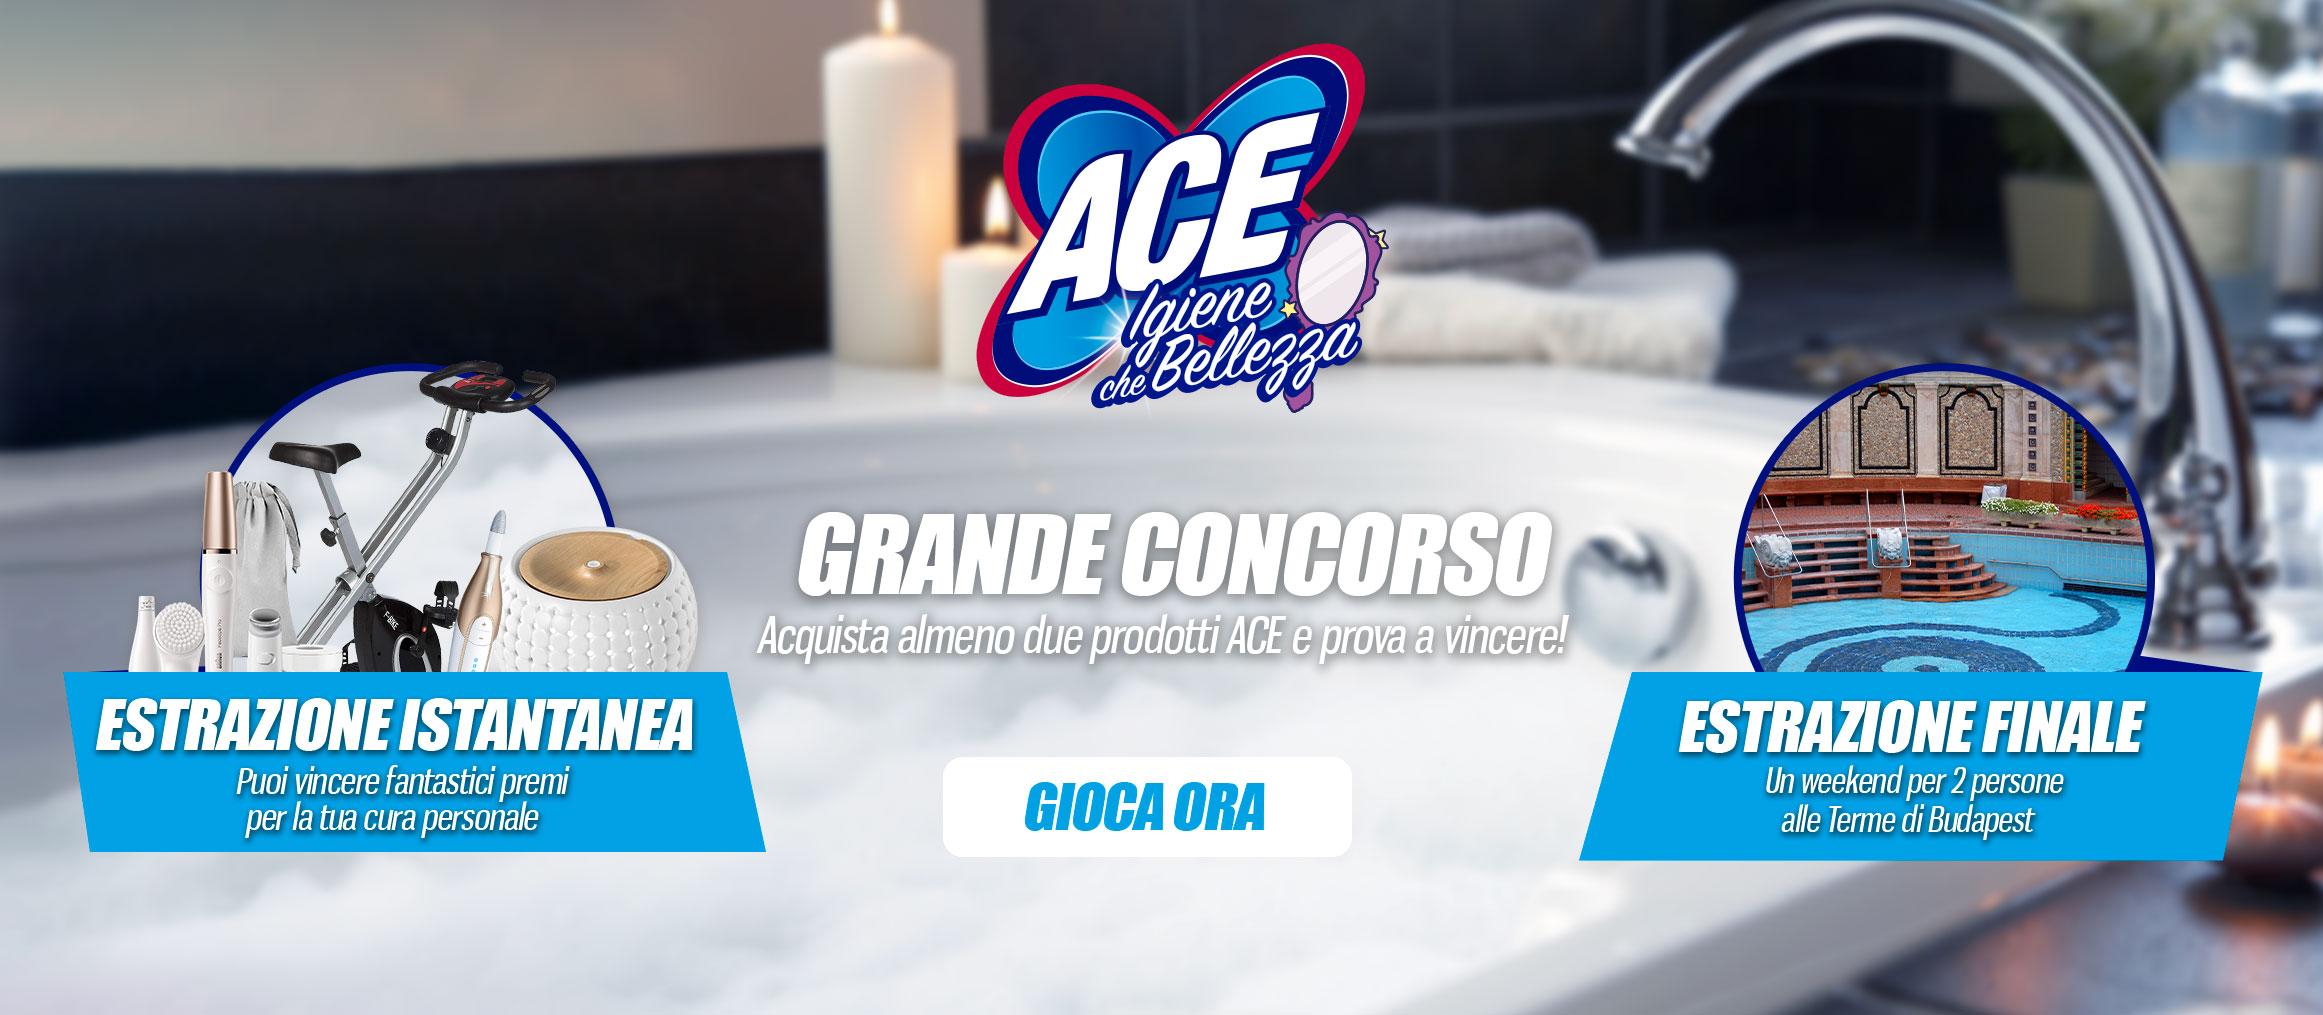 ACE Igiene che bellezza